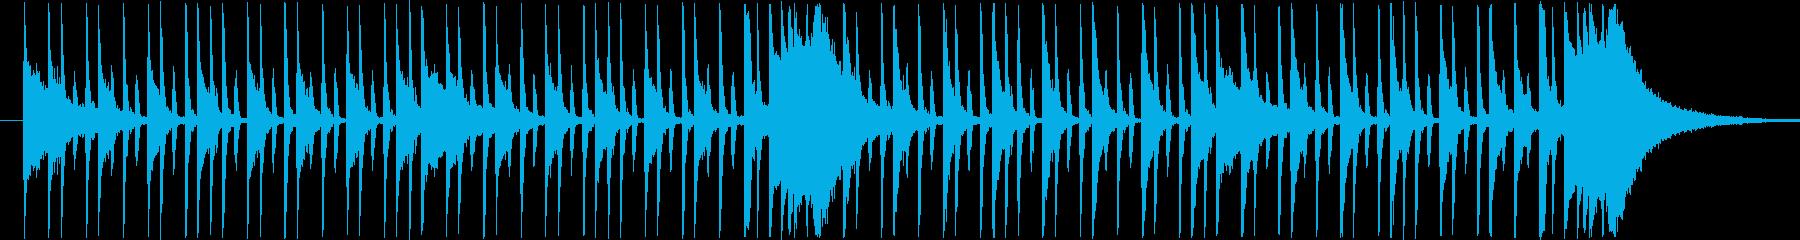 スタイリッシュなロックドラムBGMの再生済みの波形